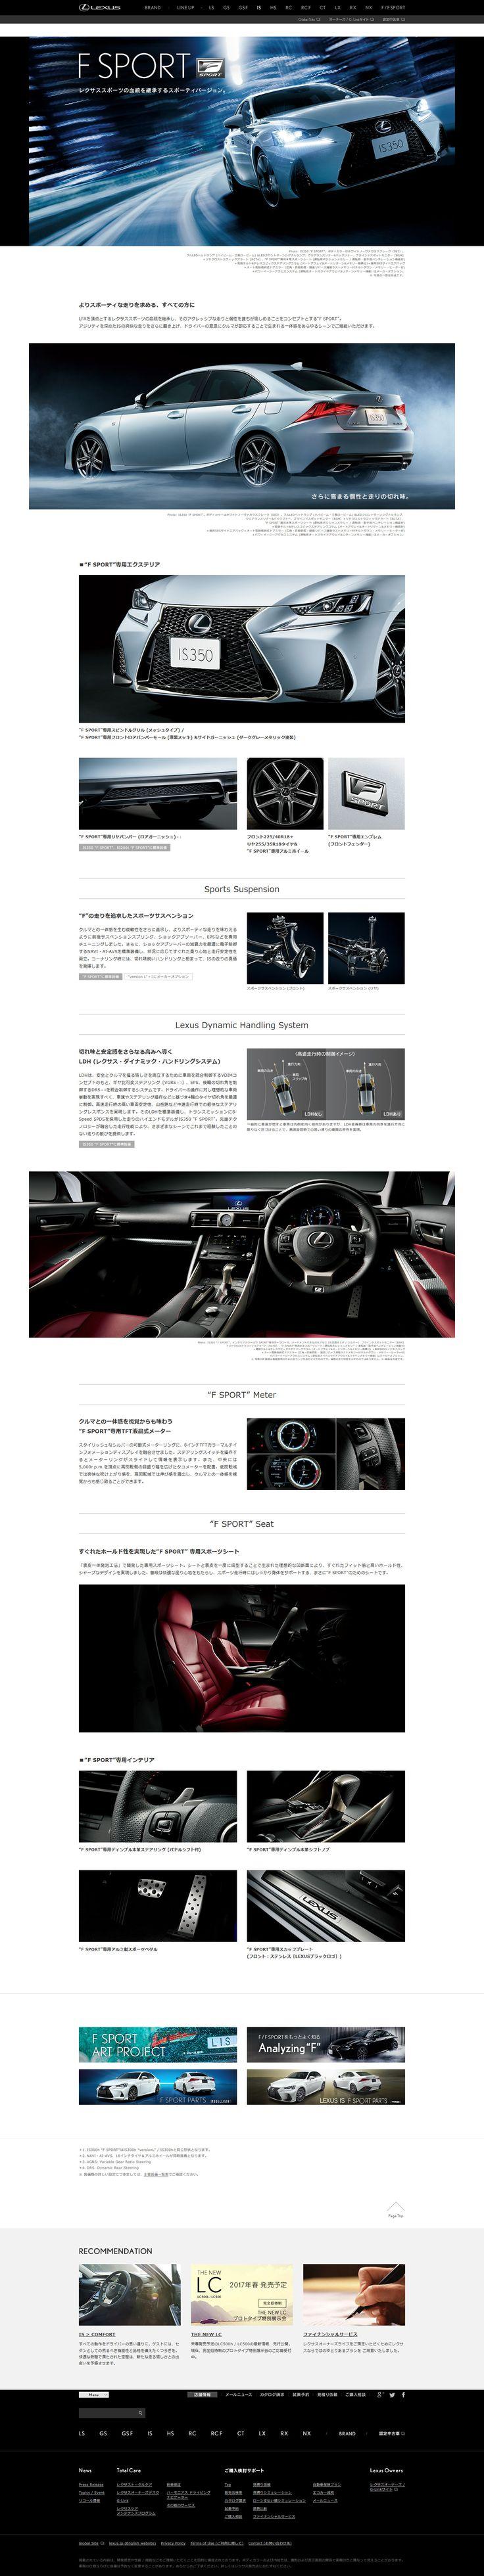 LEXUS F SPORT【車・バイク関連】のLPデザイン。WEBデザイナーさん必見!ランディングページのデザイン参考に(かっこいい系)